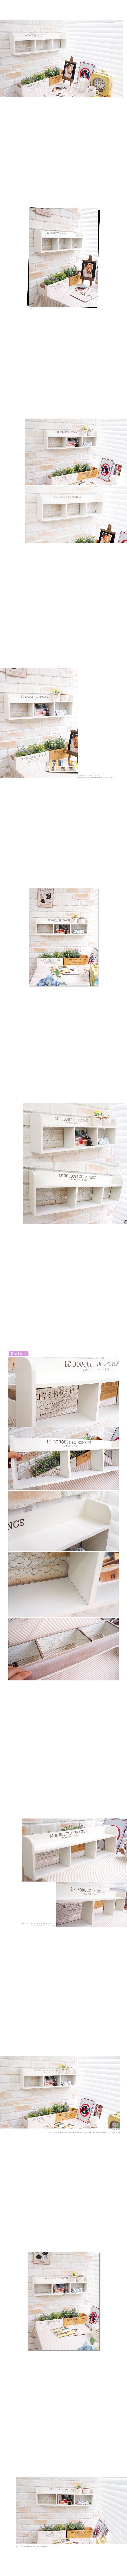 화이트 철망 3칸 선반32,300원-체리하우스가구/조명, 수납가구, 선반/선반장, 선반대바보사랑화이트 철망 3칸 선반32,300원-체리하우스가구/조명, 수납가구, 선반/선반장, 선반대바보사랑